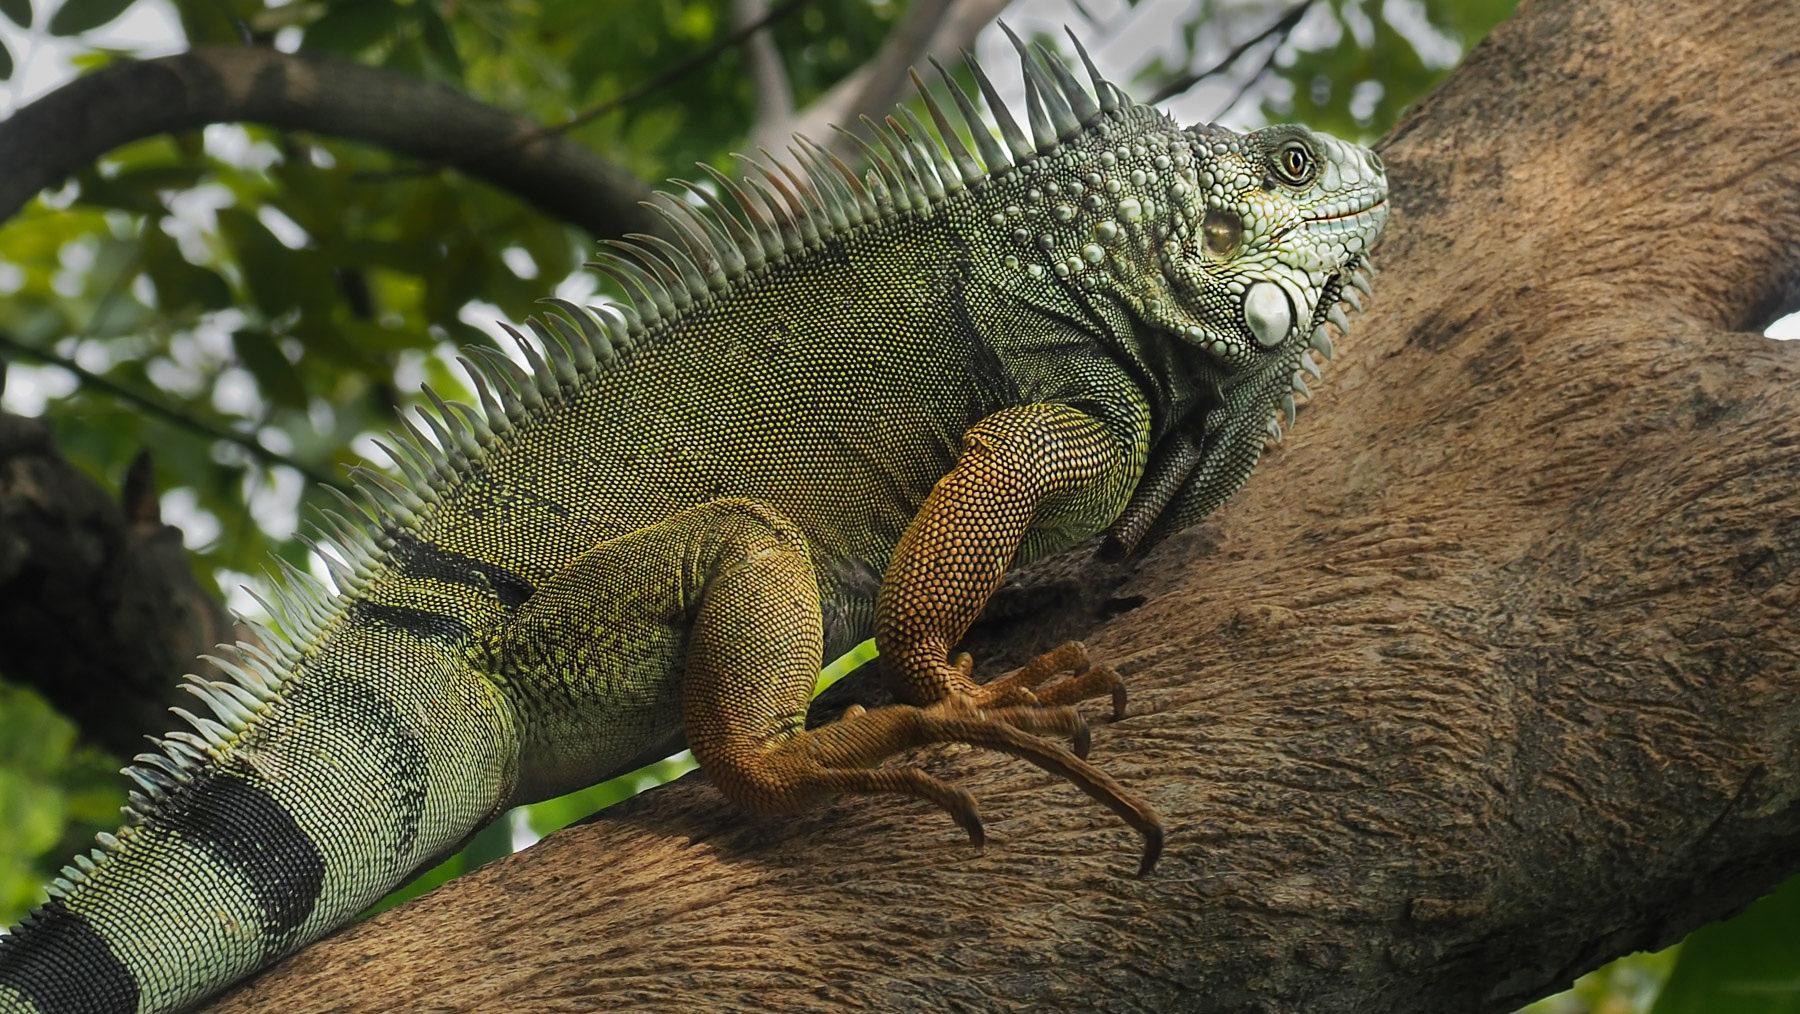 Eine besonders große und schöne Iguana Echse